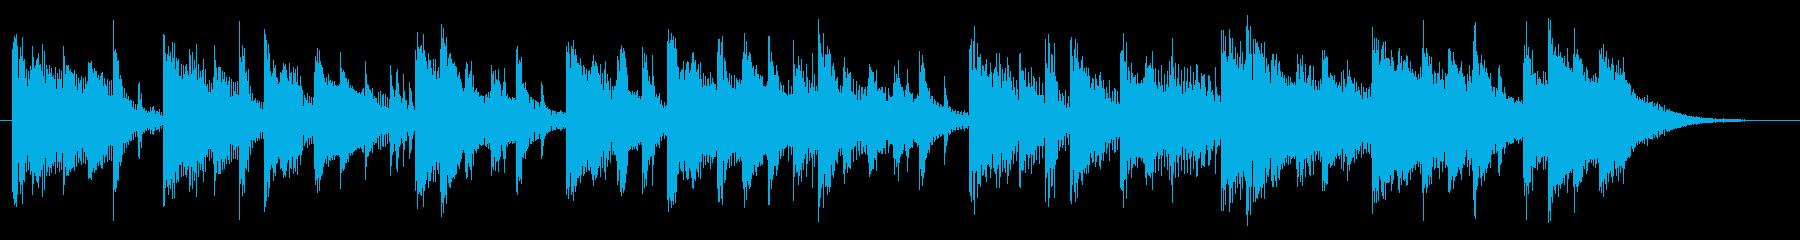 短めのFuturebass【CM曲等に】の再生済みの波形